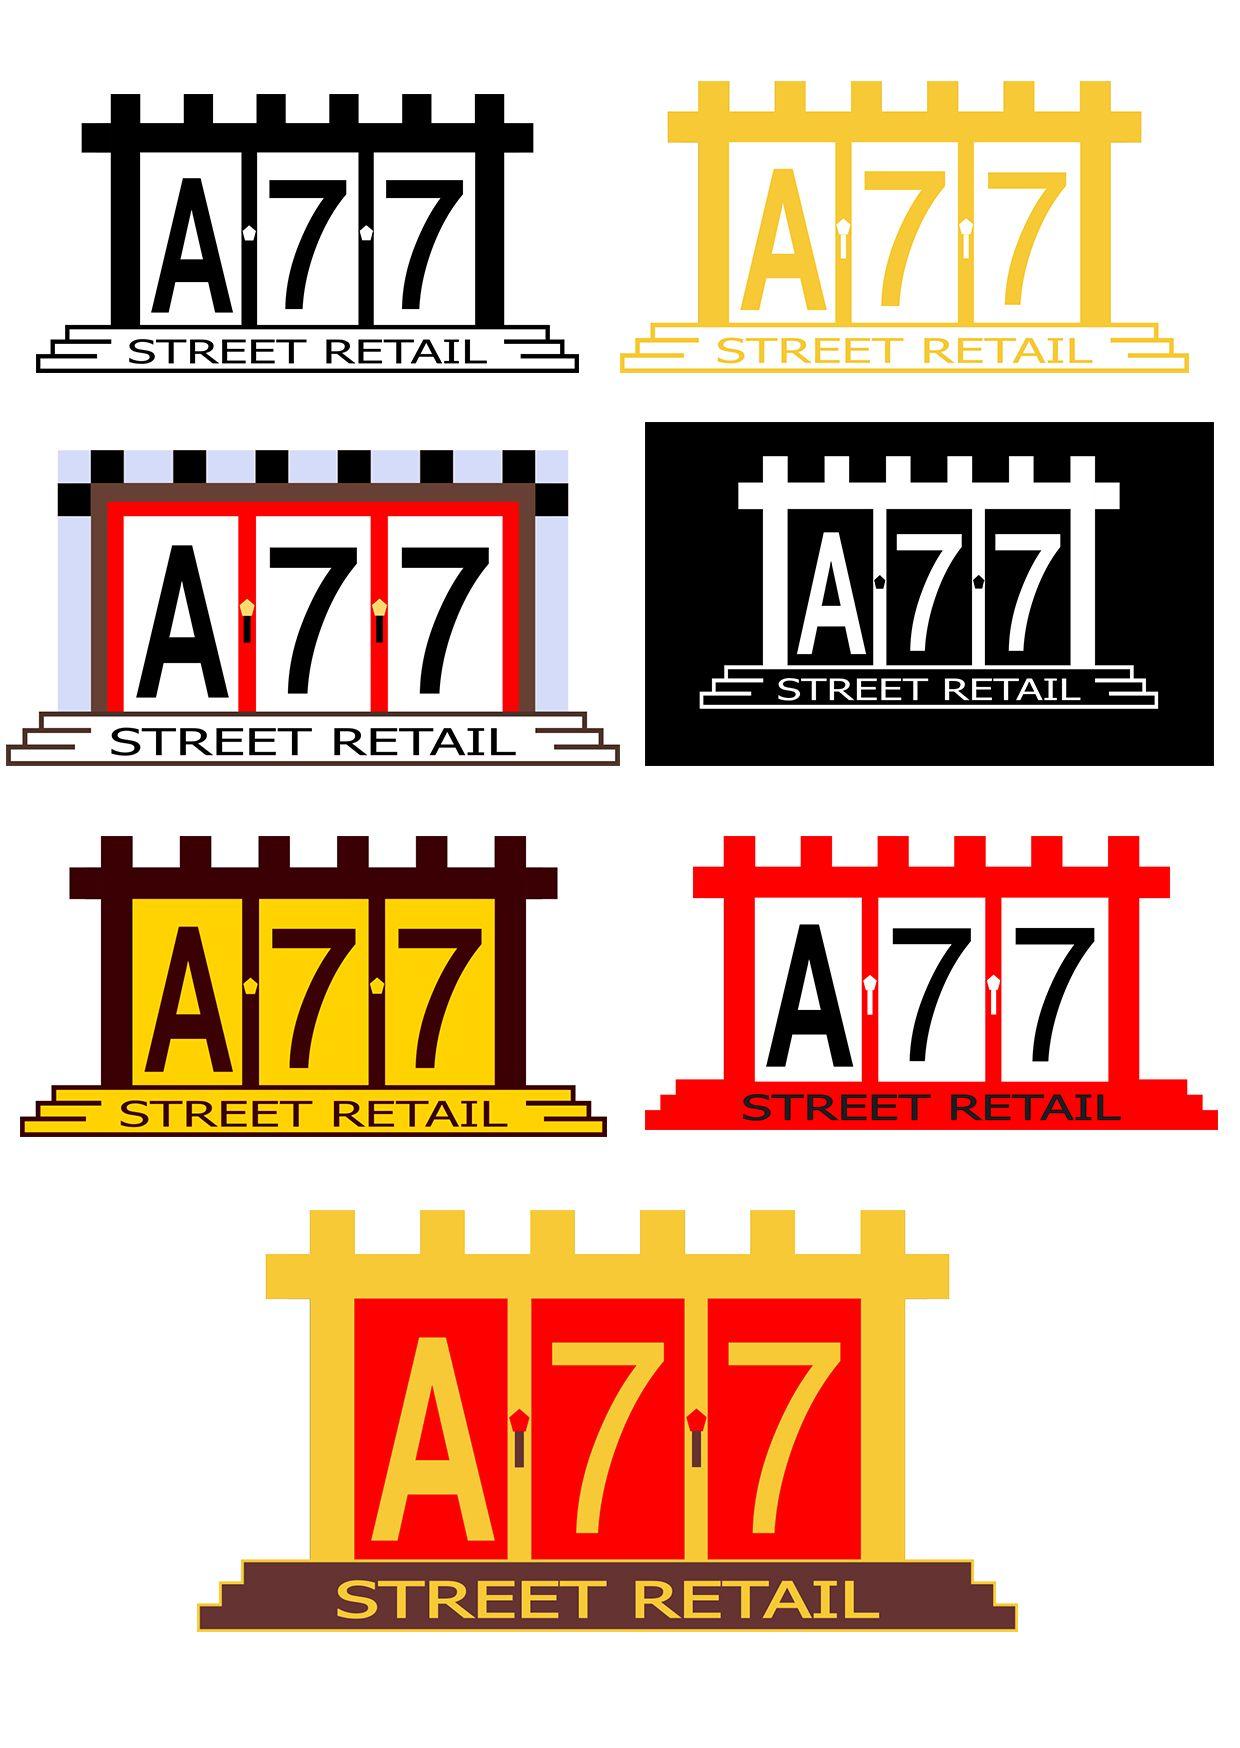 Лого для сайта по коммерческой недвижимости A77.RU - дизайнер 216